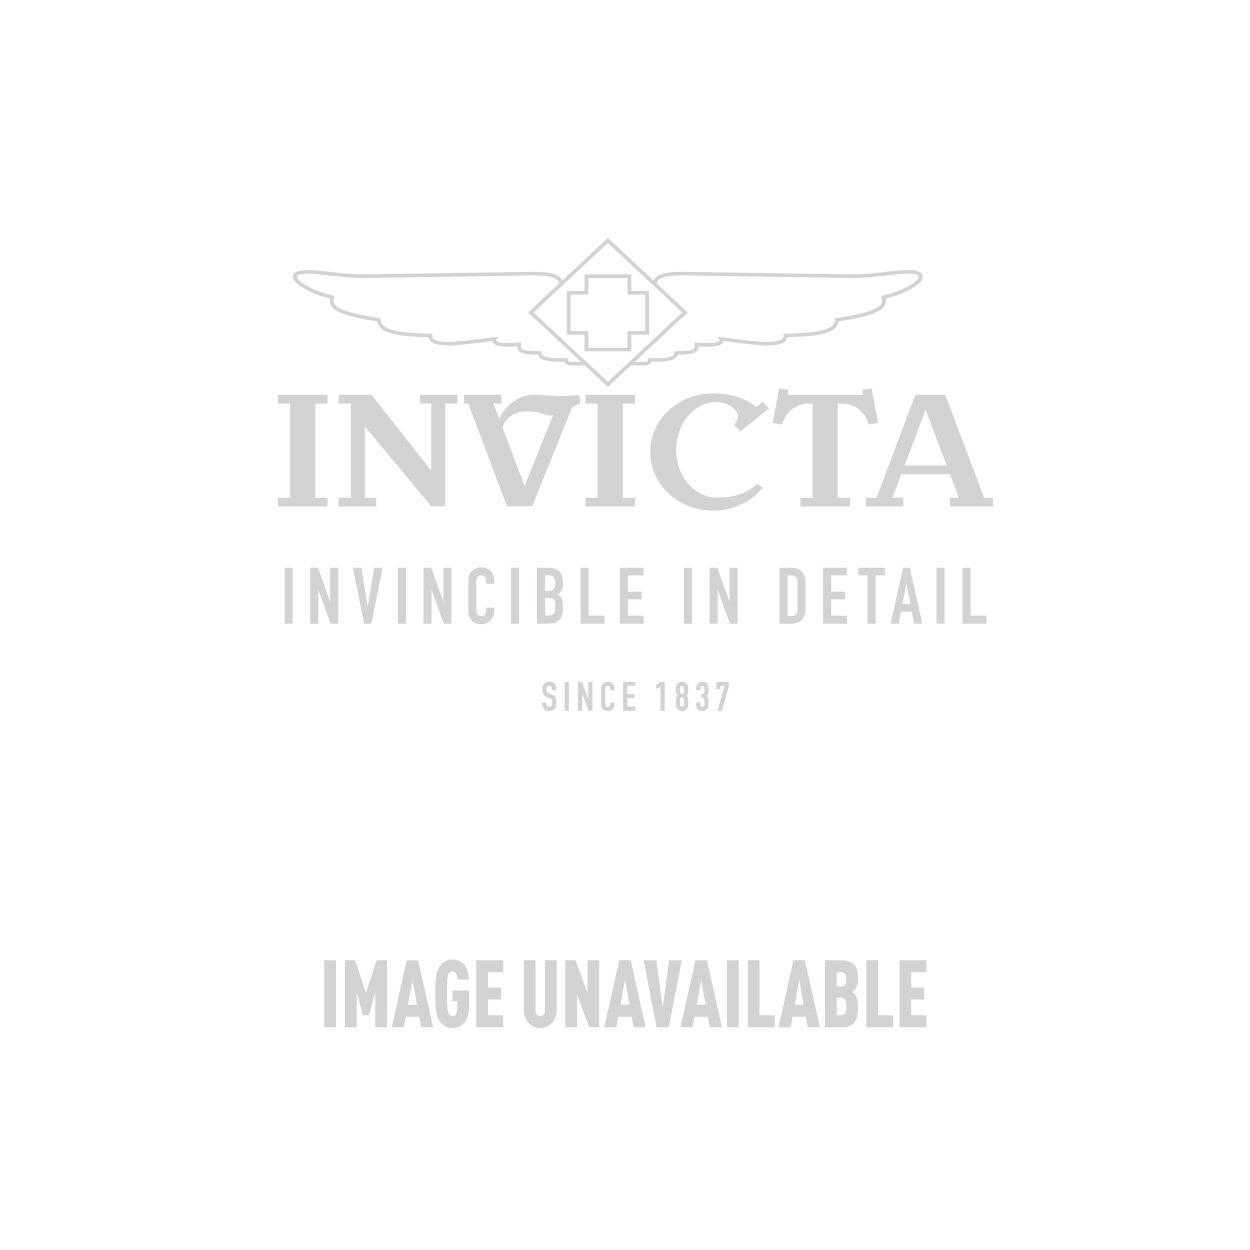 Invicta Model 28360